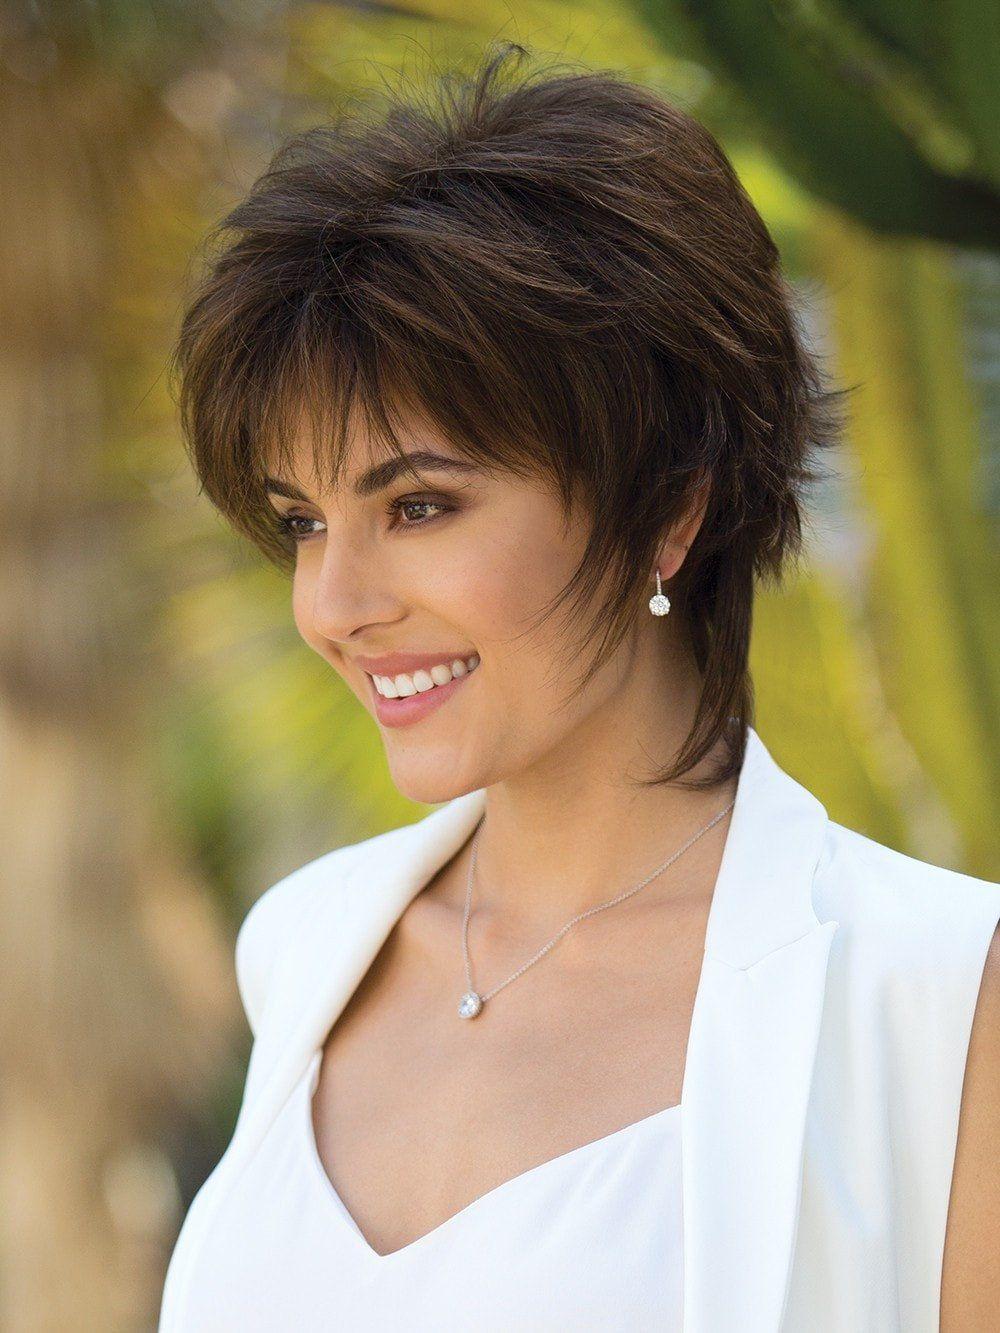 dunkelbraune kurze gewellte Haarperücke mit Knall Hitzebeständige Faser synthetische Perücke capless Art- und Weiseperücke für Frauen